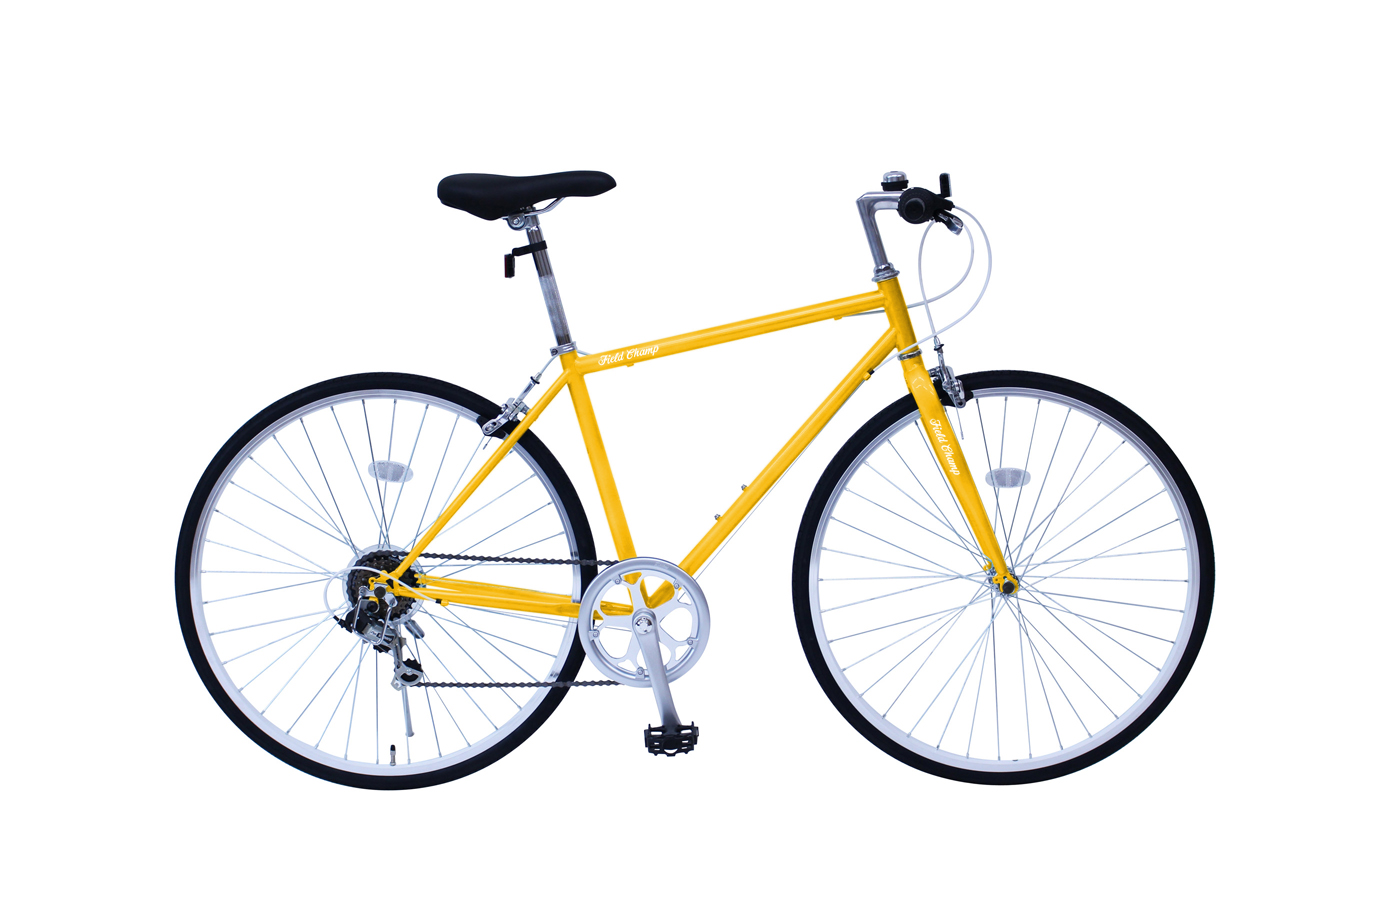 【メーカー直送/代引不可】ミムゴ FIELD CHAMP フィールドチャンプ クロスバイク 700C 6SF MG-FCP700CF(カラー:イエロー)